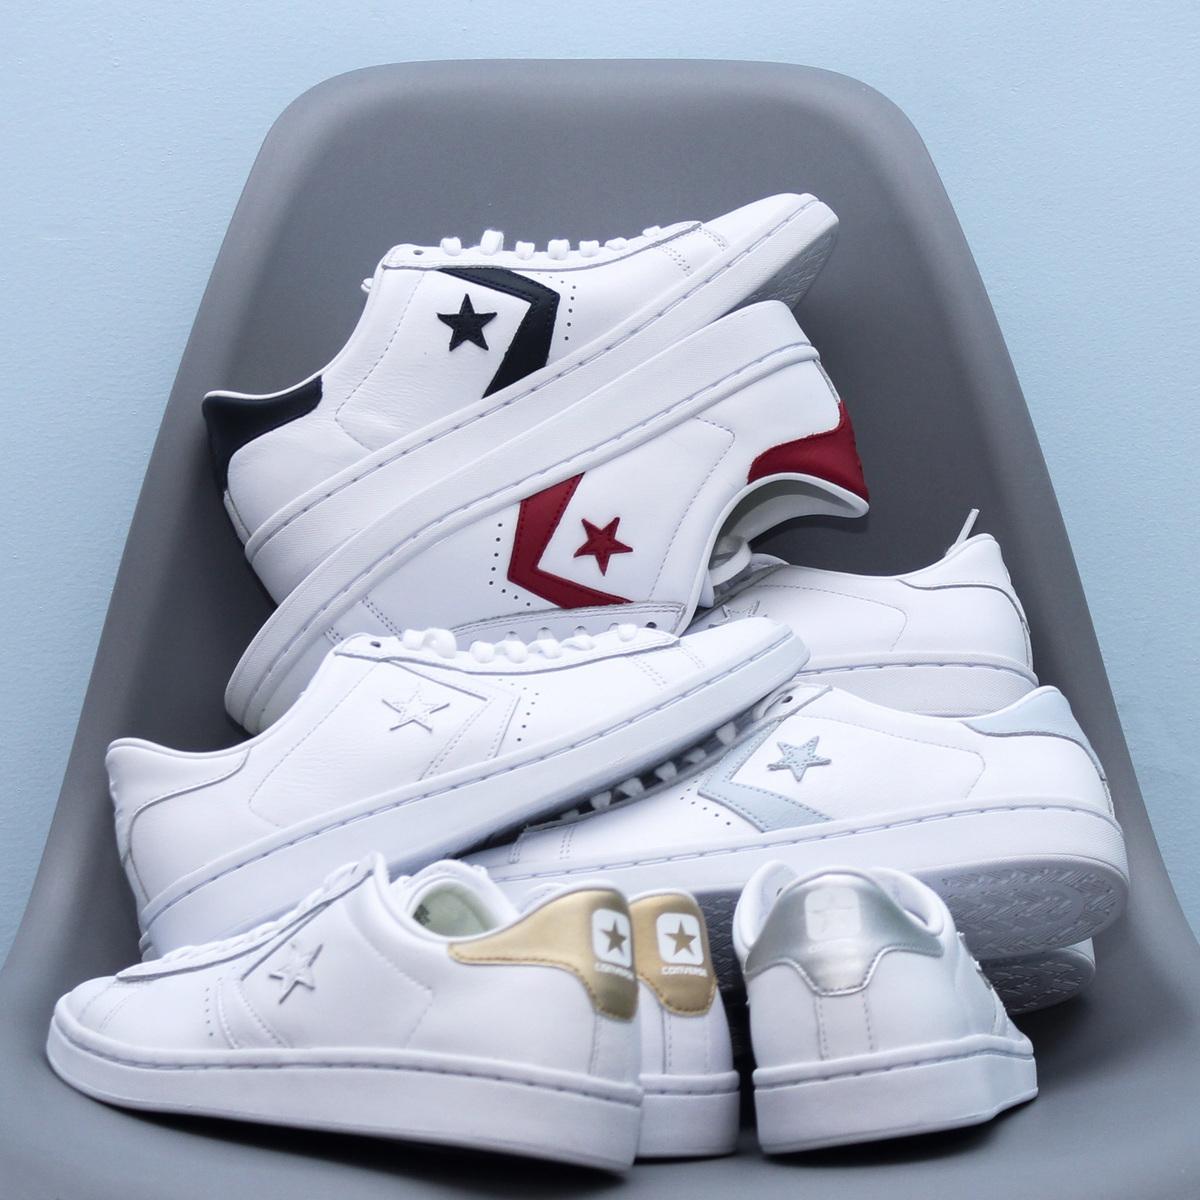 限3000张券Converse匡威pro star leather星箭滑板鞋红蓝鸳鸯牛皮低帮5